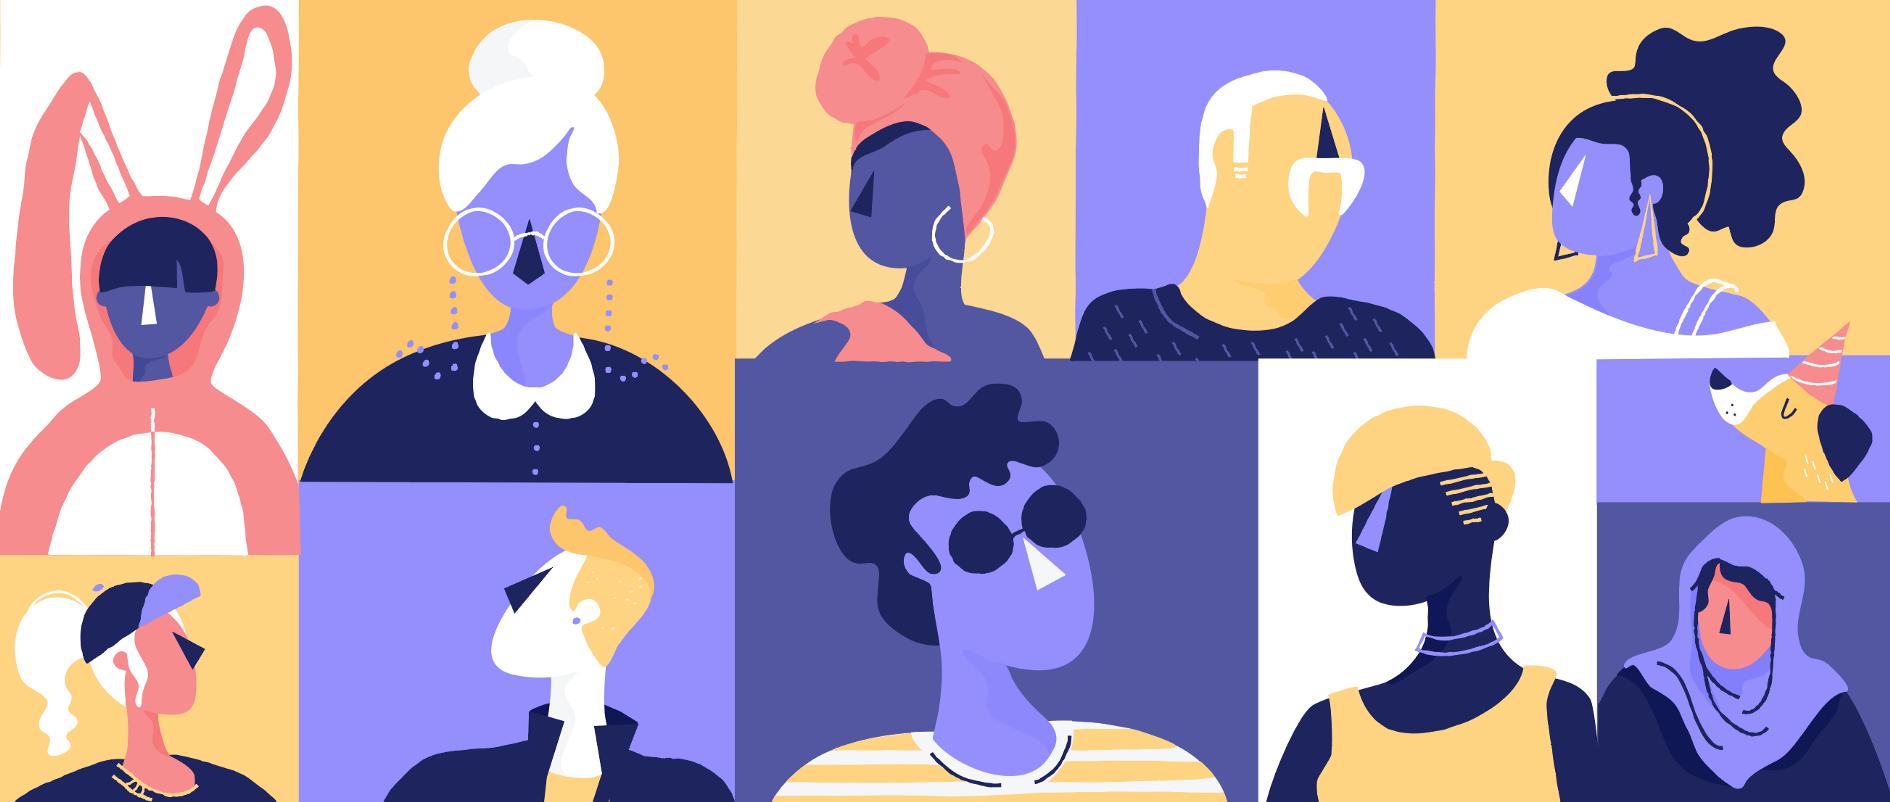 Omdat illustraties zo abstract zijn, kunnen de personages alle vormen en kleuren aannemen